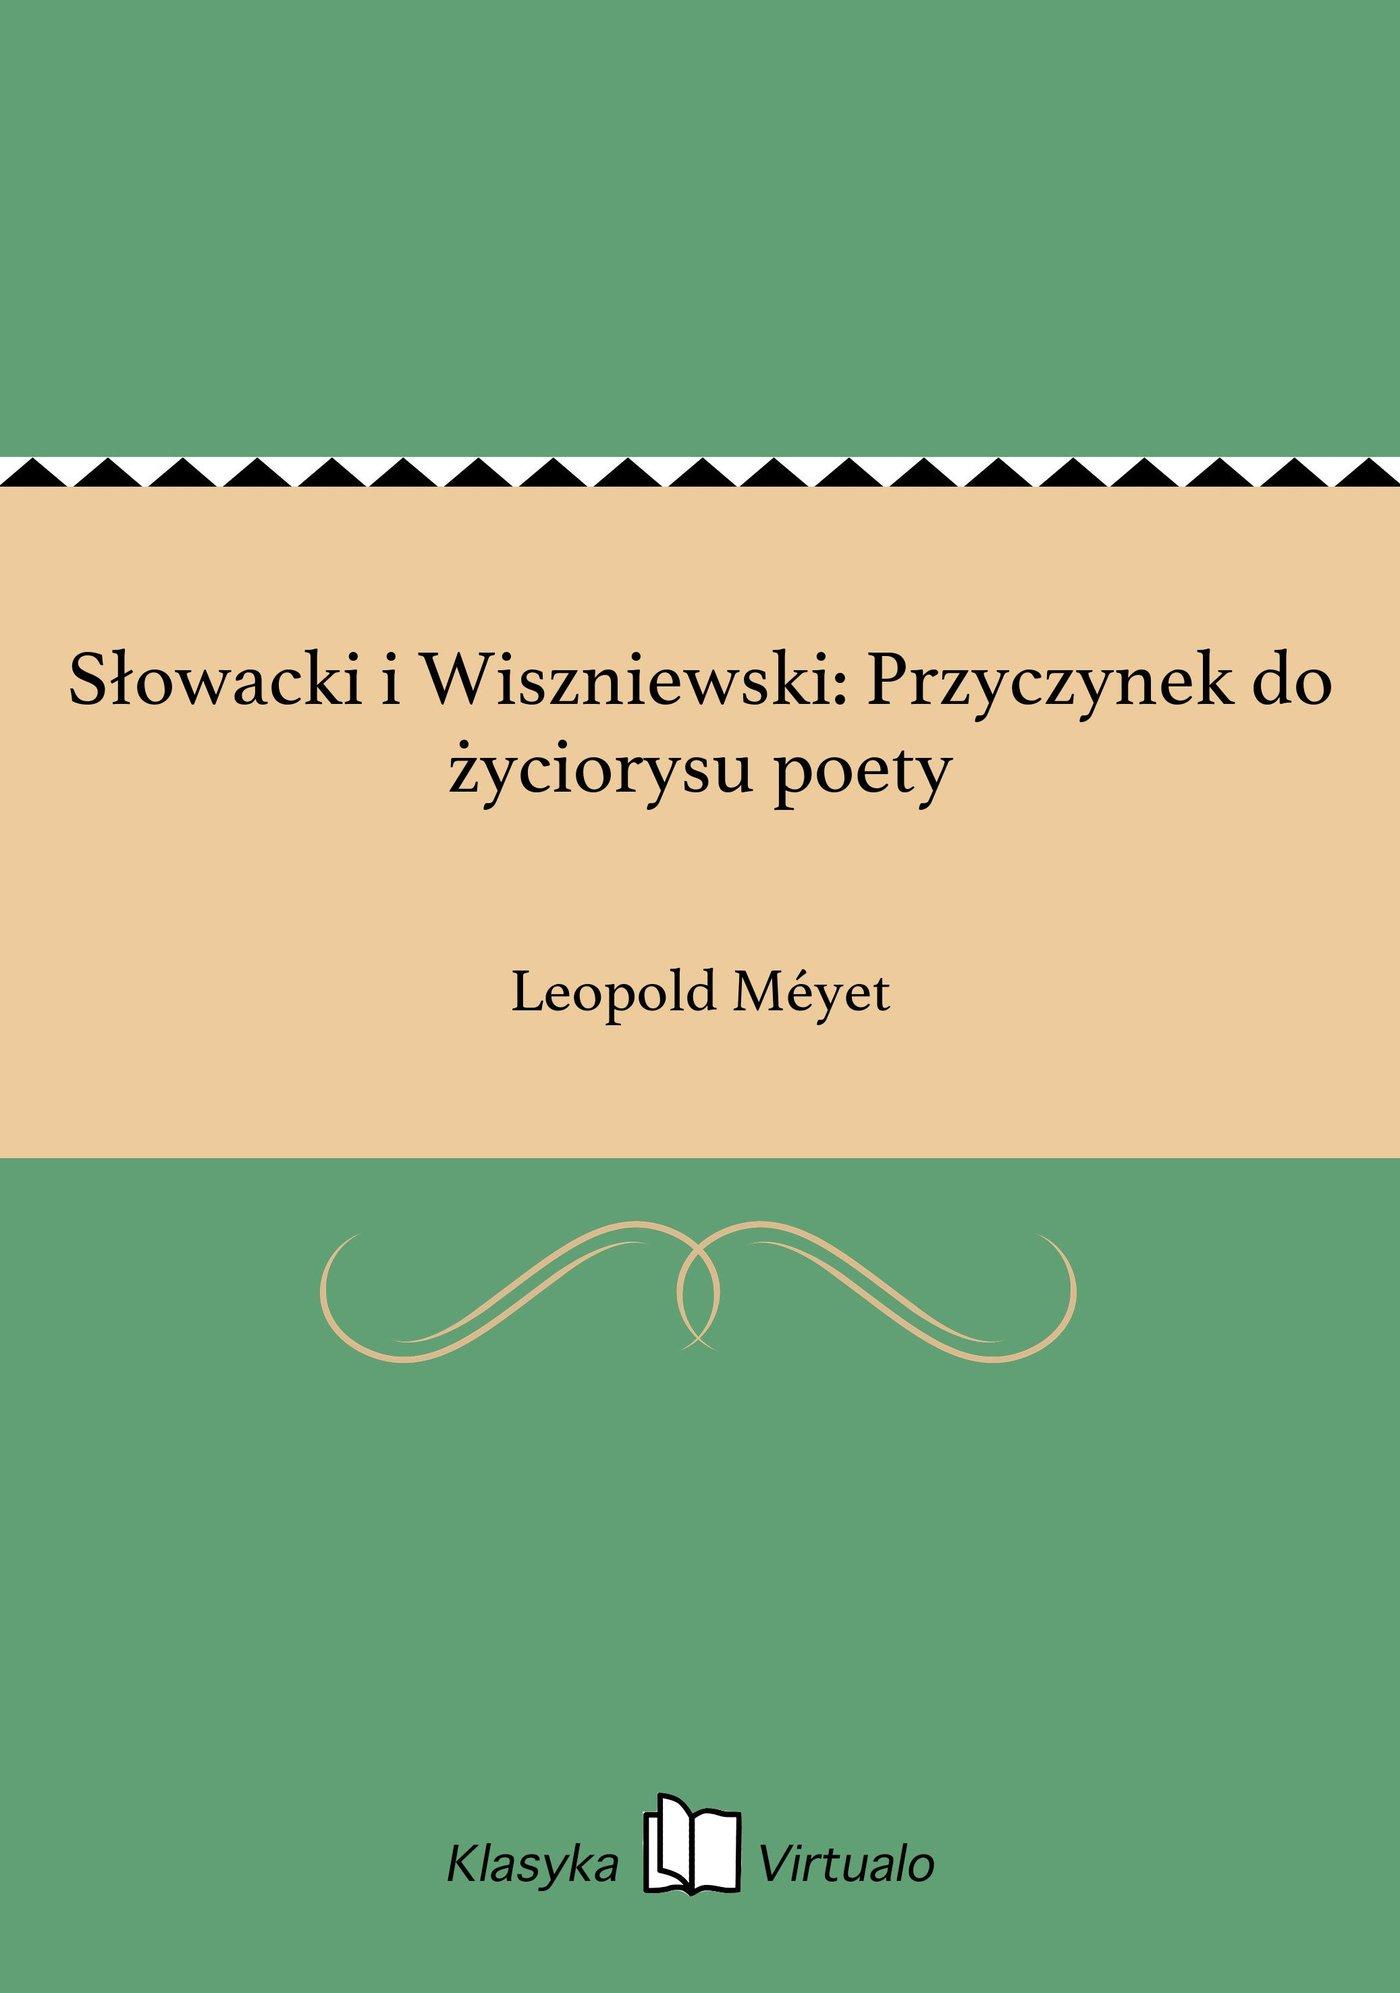 Słowacki i Wiszniewski: Przyczynek do życiorysu poety - Ebook (Książka na Kindle) do pobrania w formacie MOBI